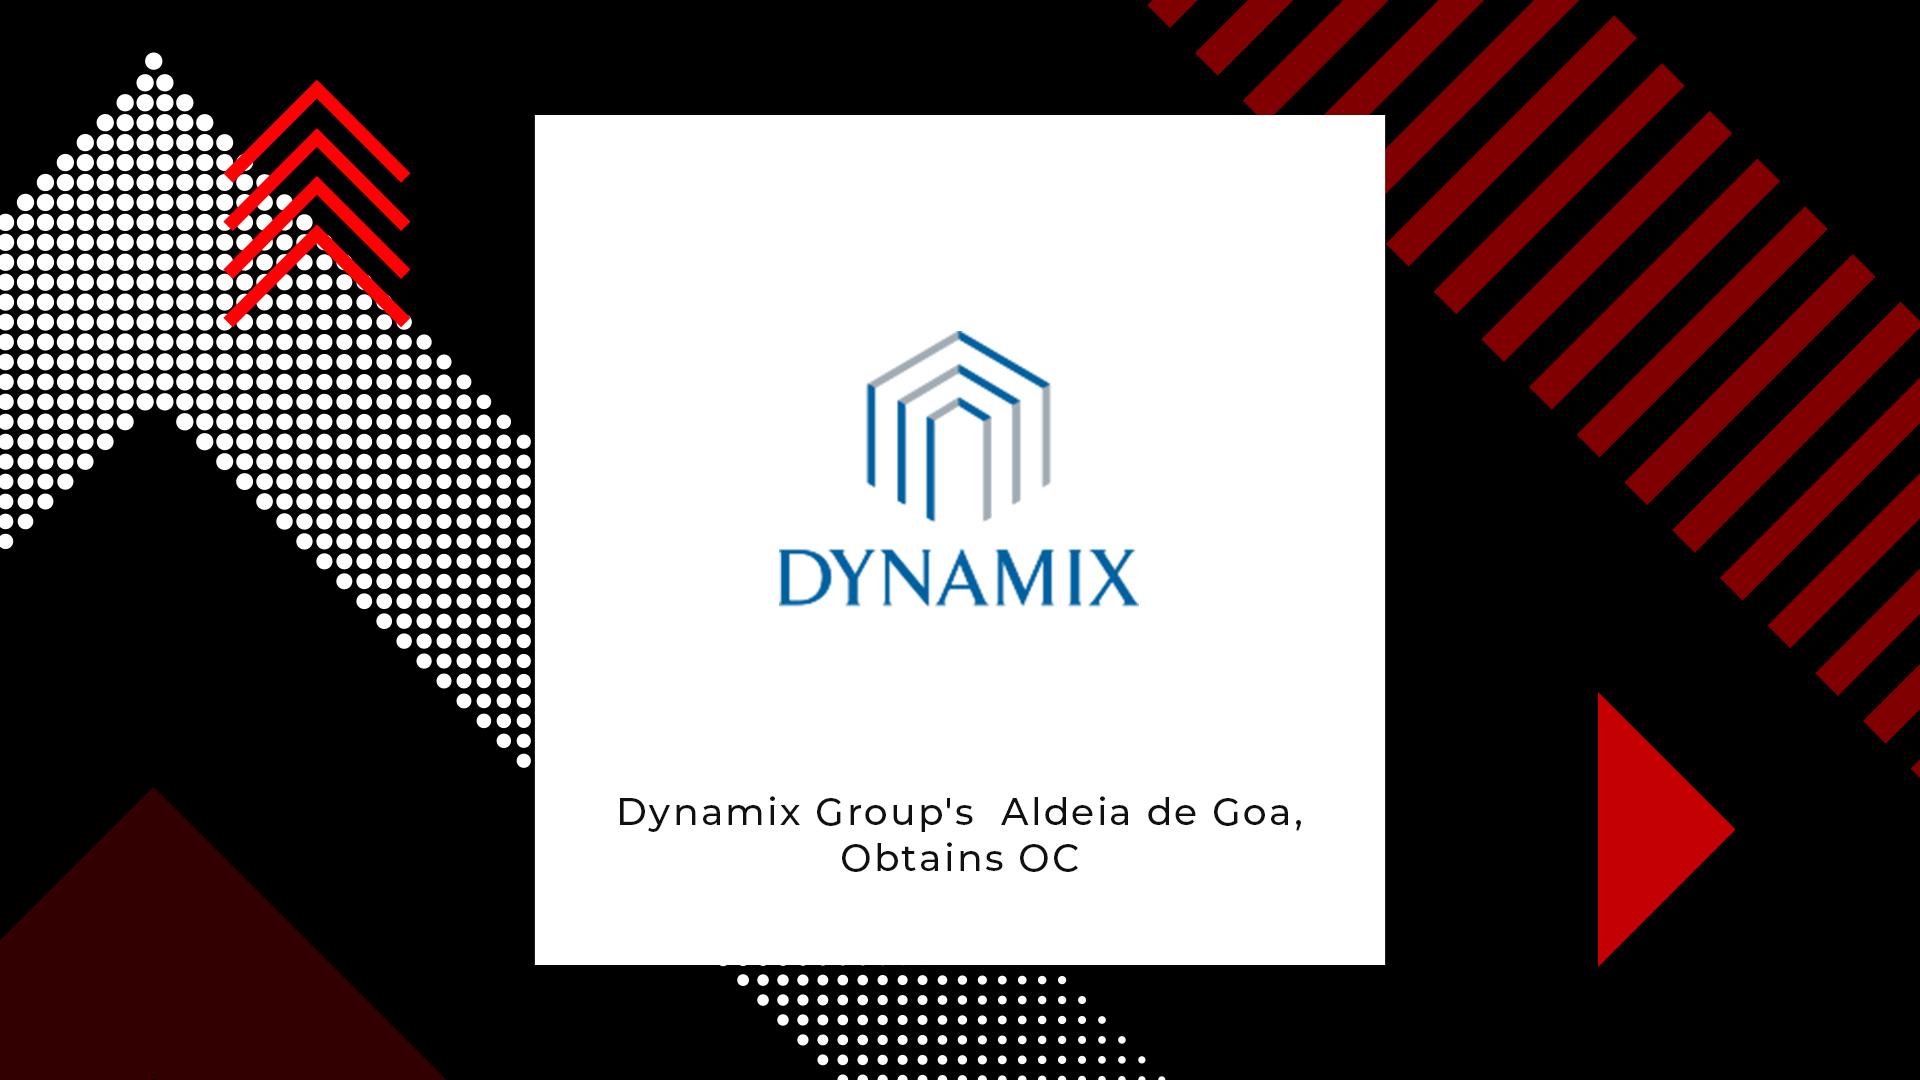 The Dynamix Group's Aldeia de Goa, Obtains Occupancy Certificate